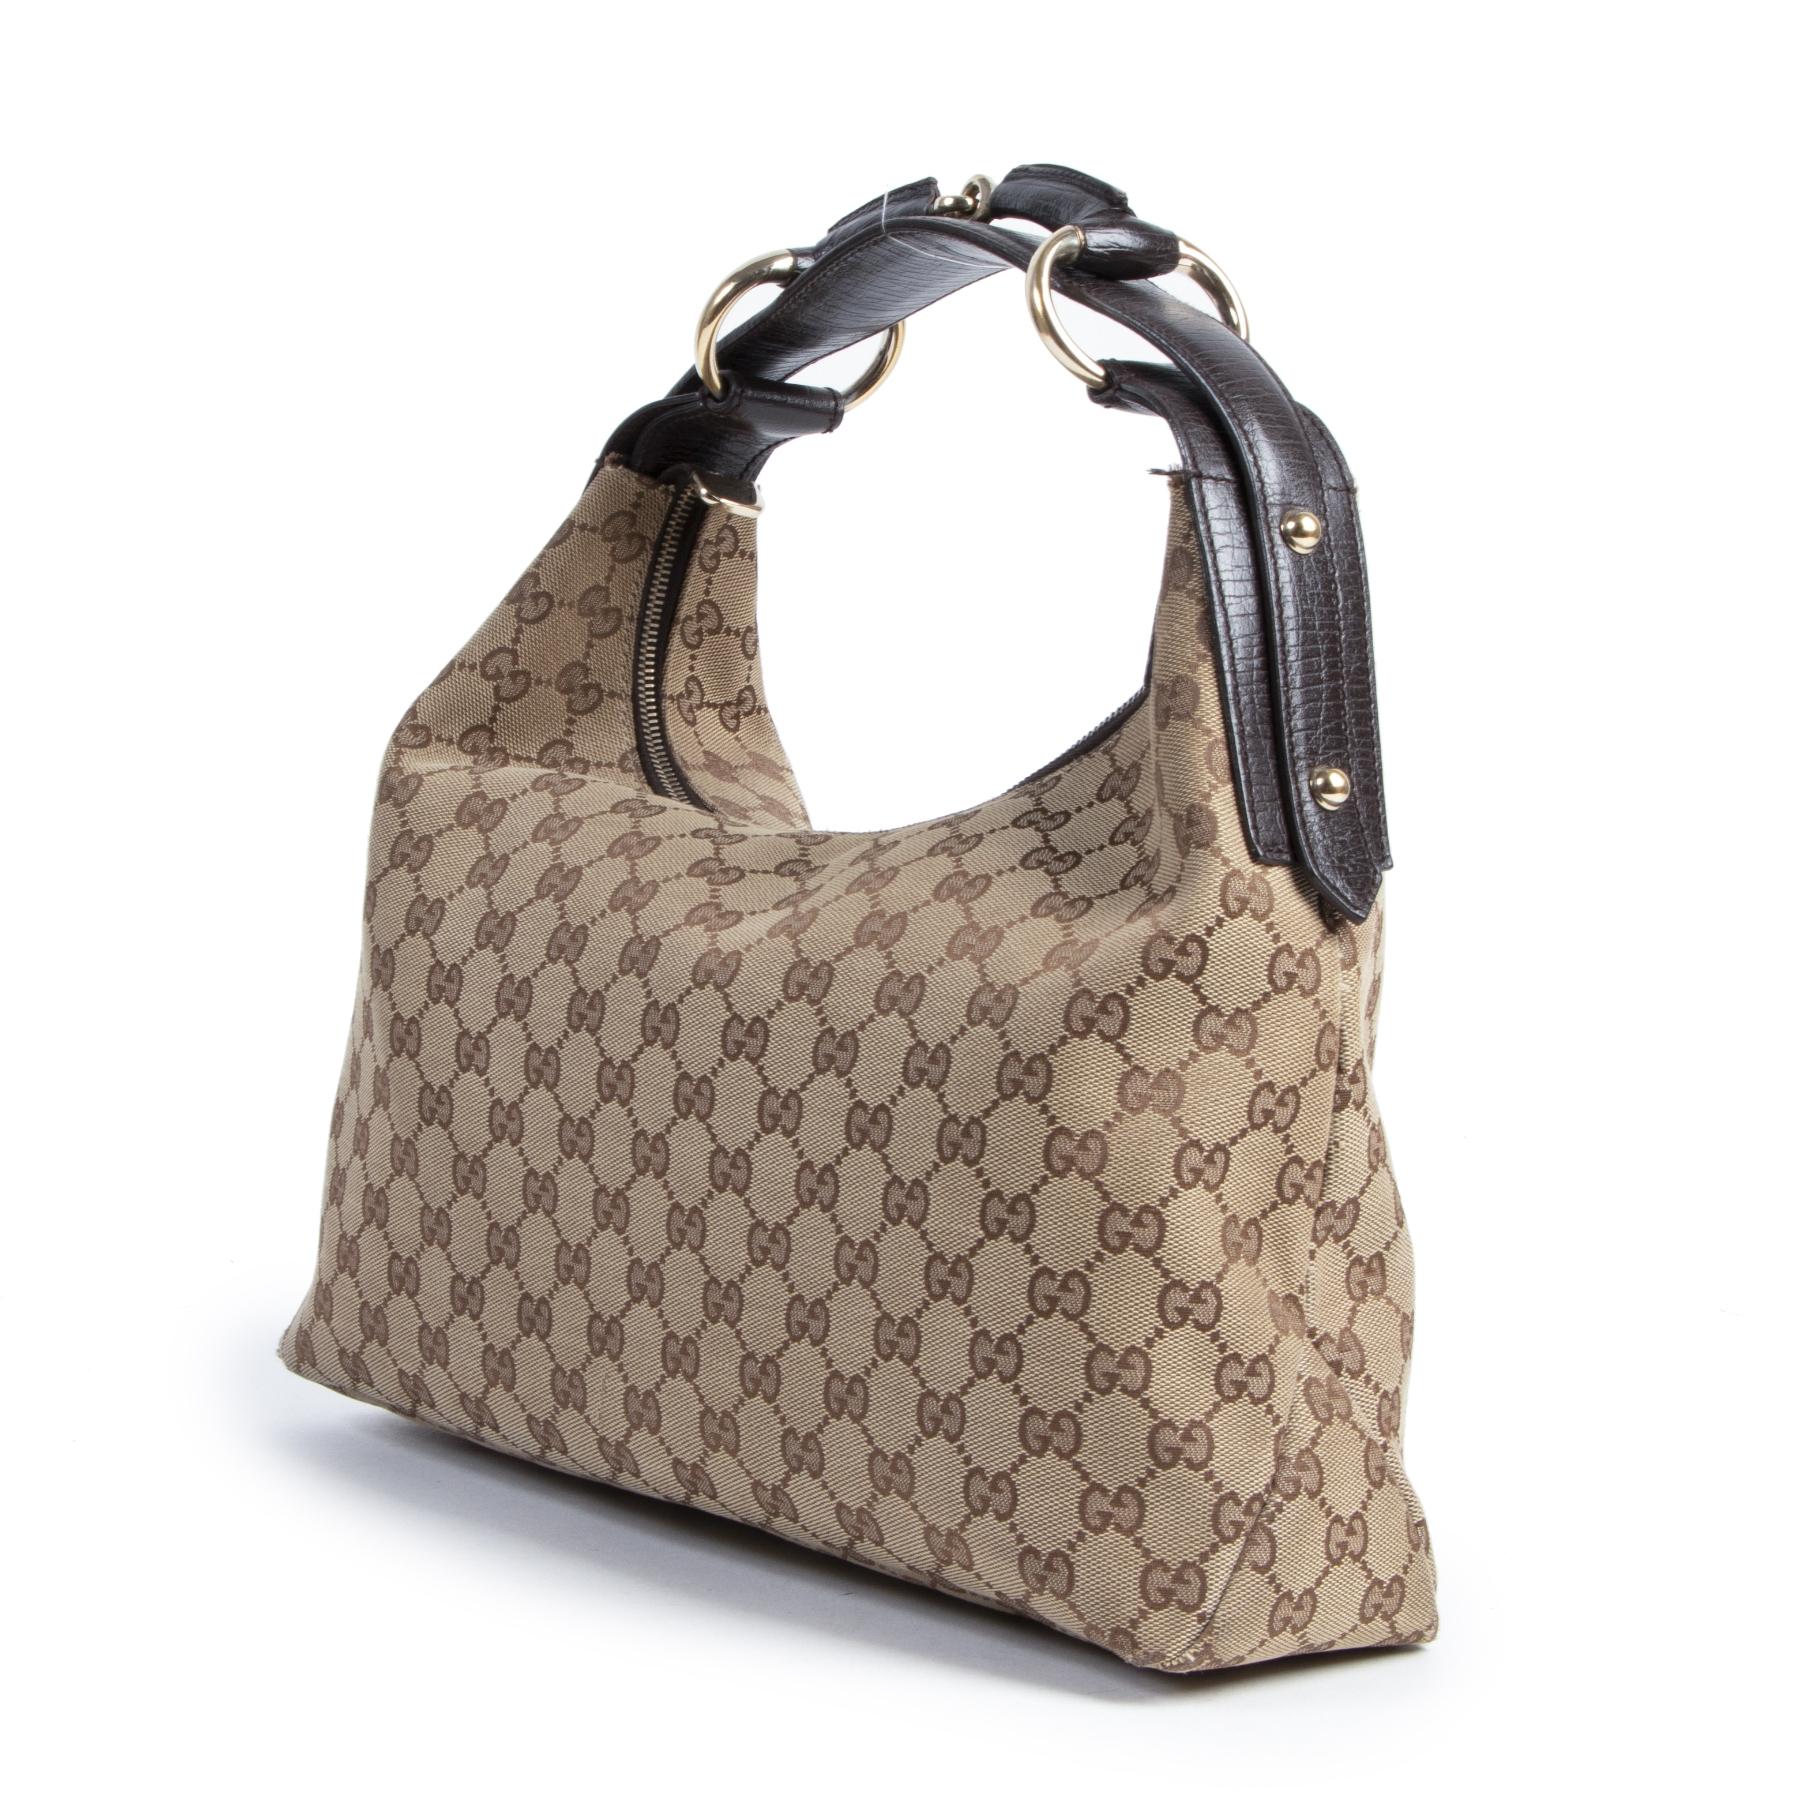 Authentieke Tweedehands Gucci Beige Monogram GG Shoulder Hobo Bag juiste prijs veilig online shoppen luxe merken webshop winkelen Antwerpen België mode fashion